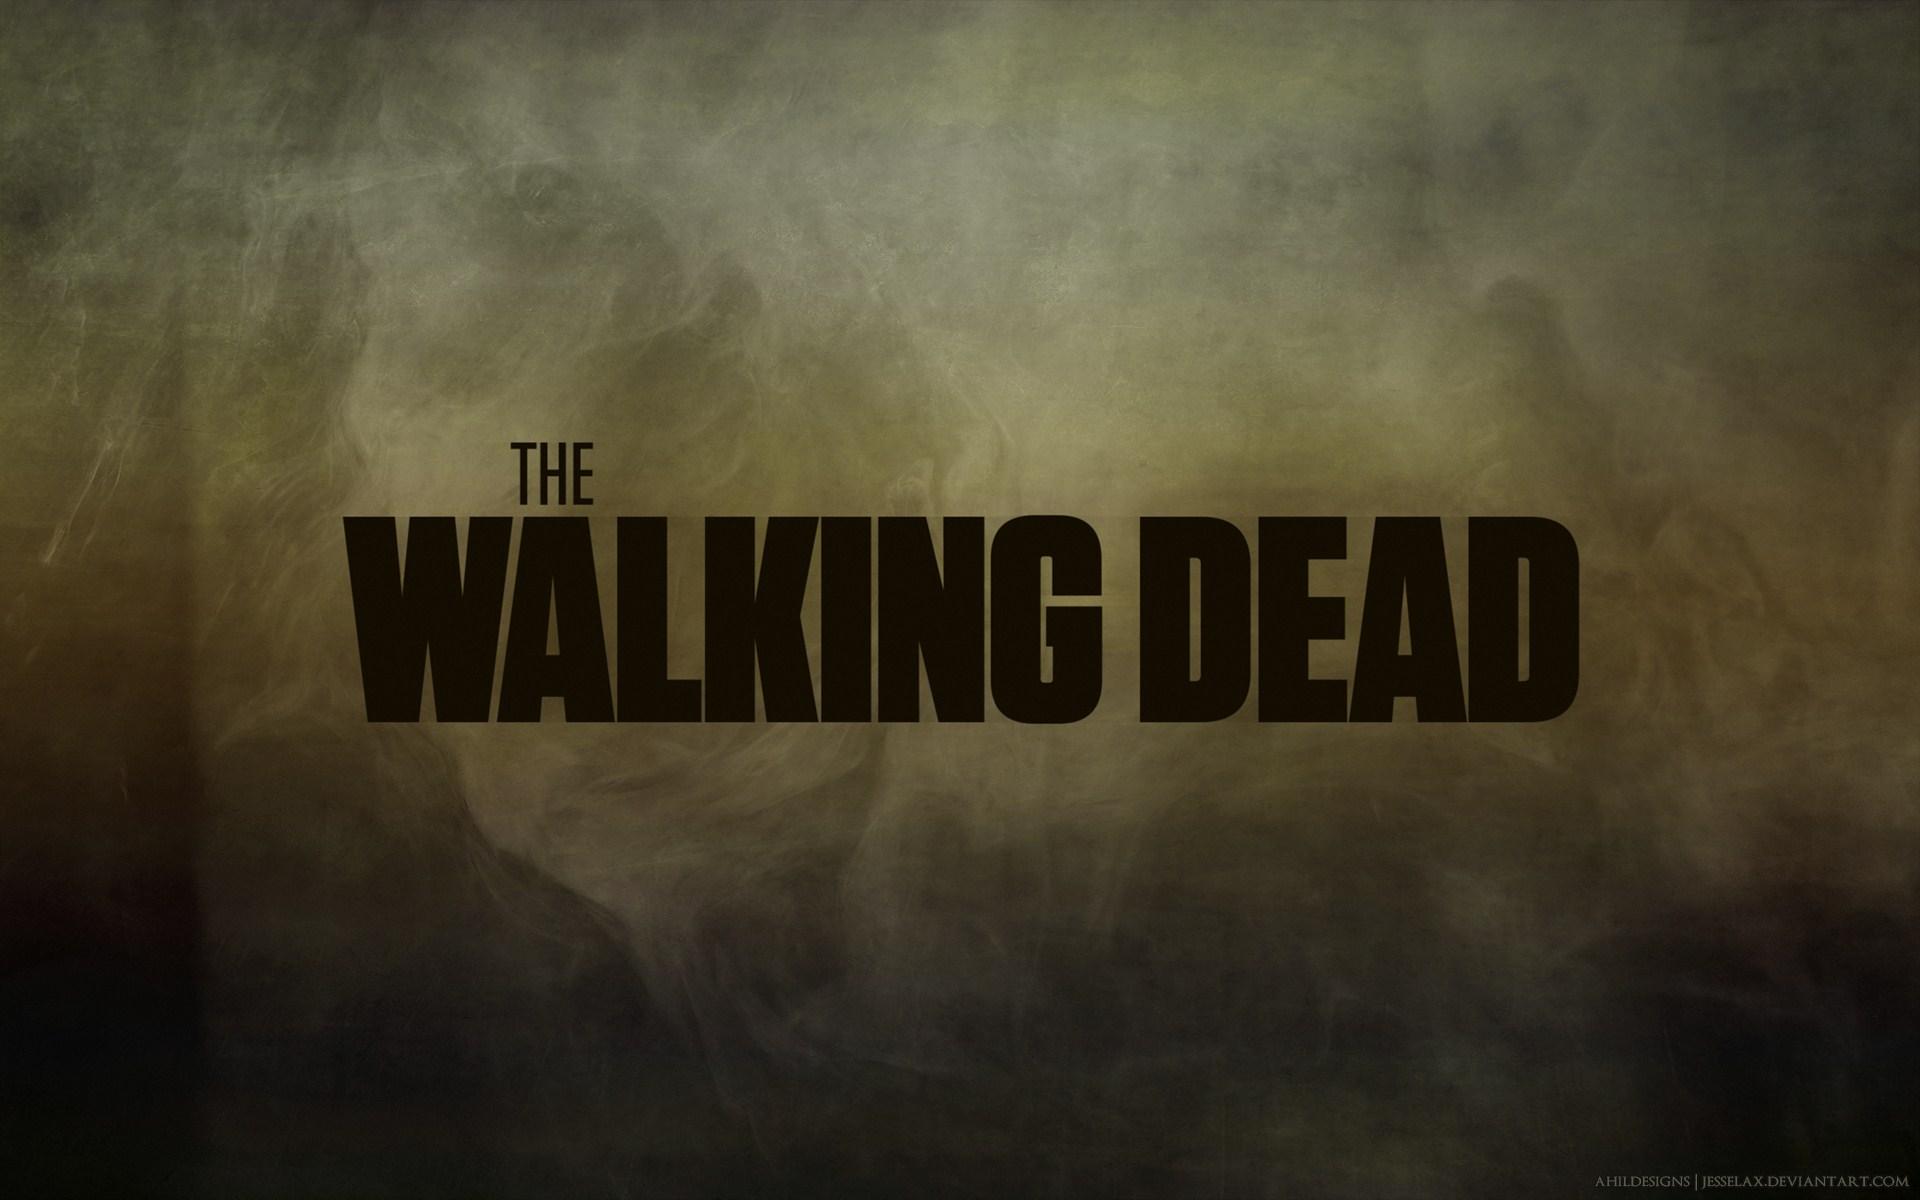 The Walking Dead Wallpaper HD Amazing 1t4u40rk   Yoanucom 1920x1200